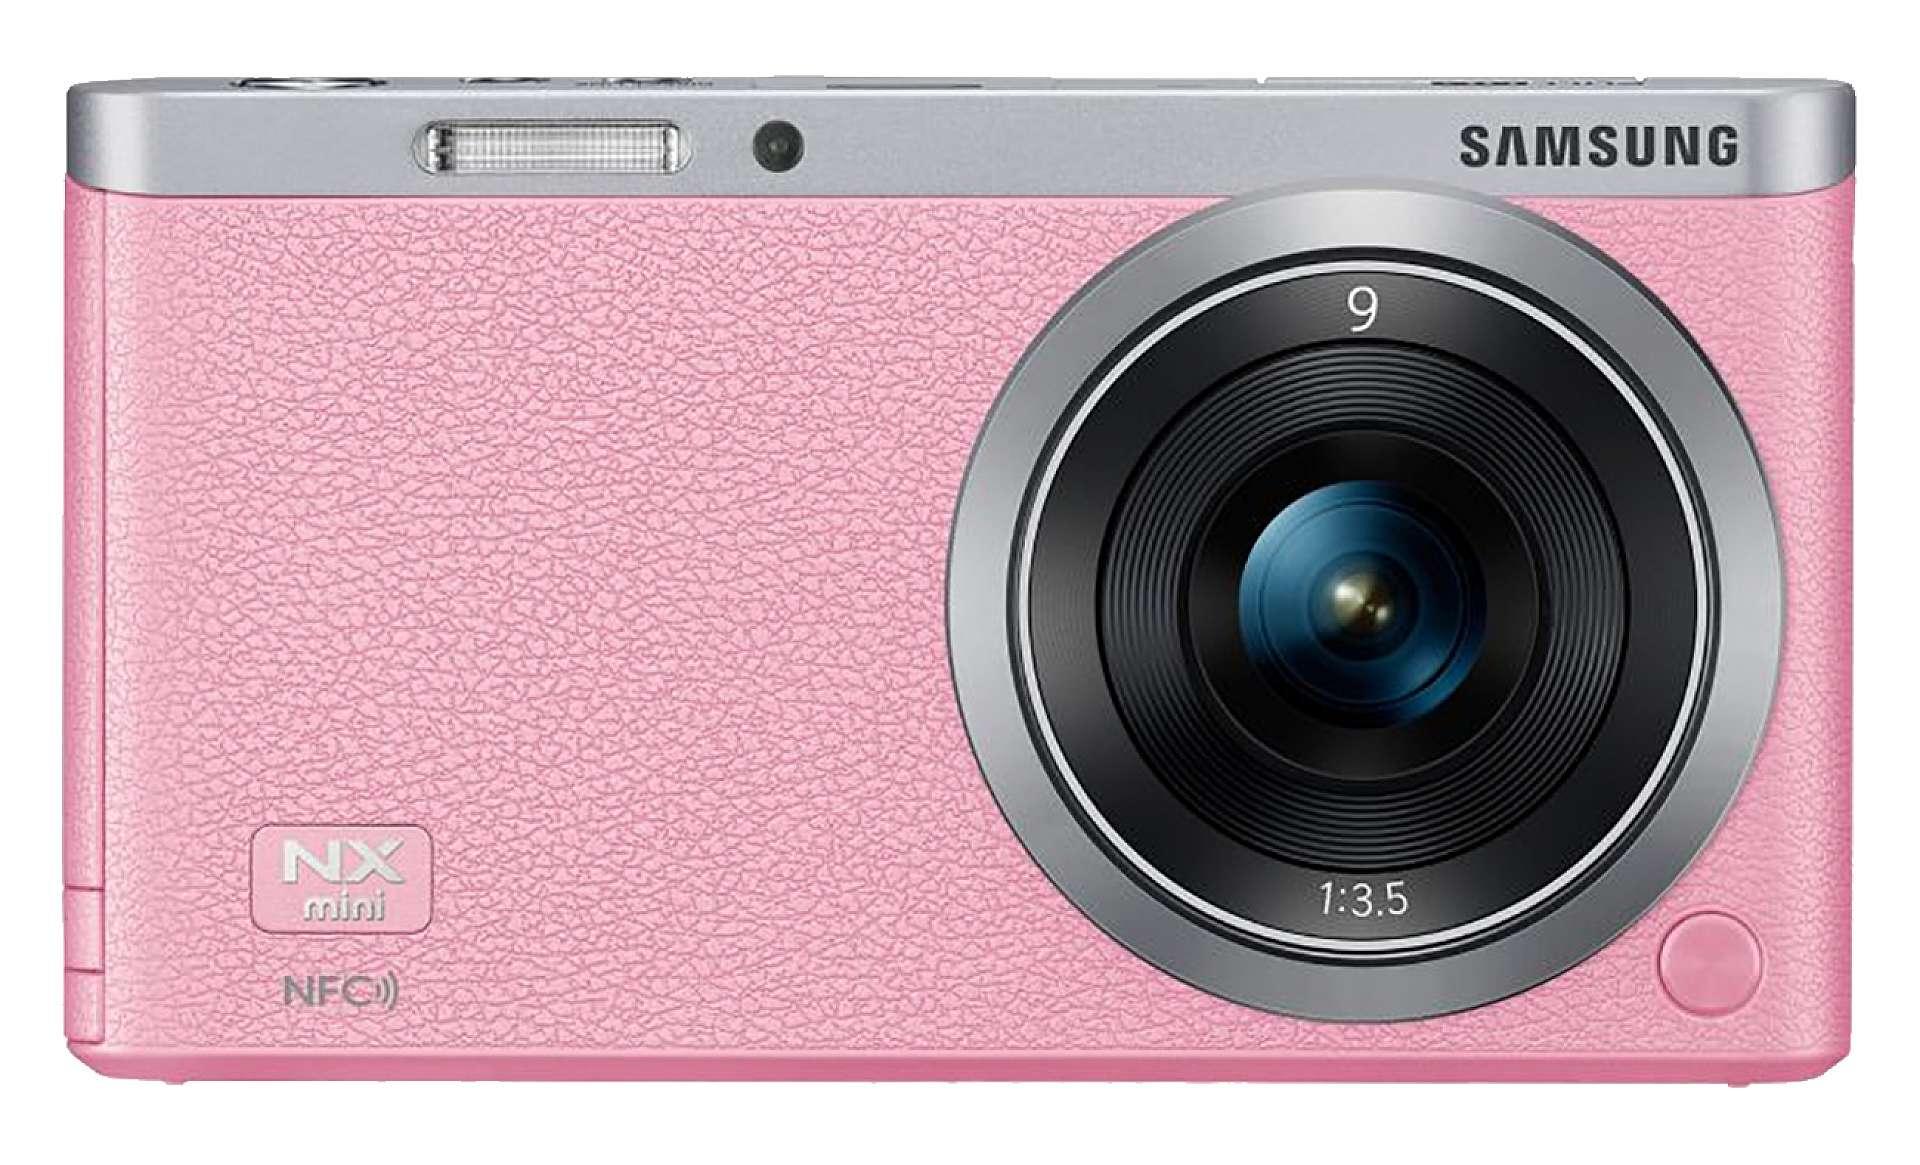 Samsung NX mini i rosa.